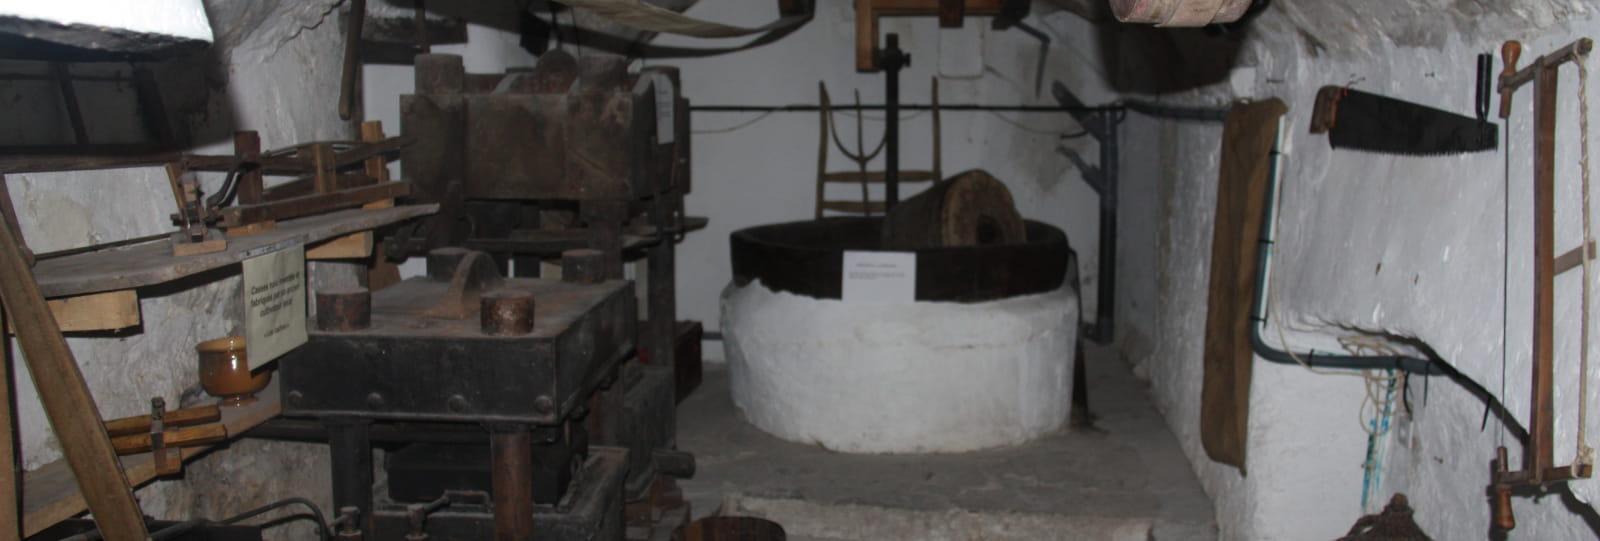 Le Moulin à huile de noix